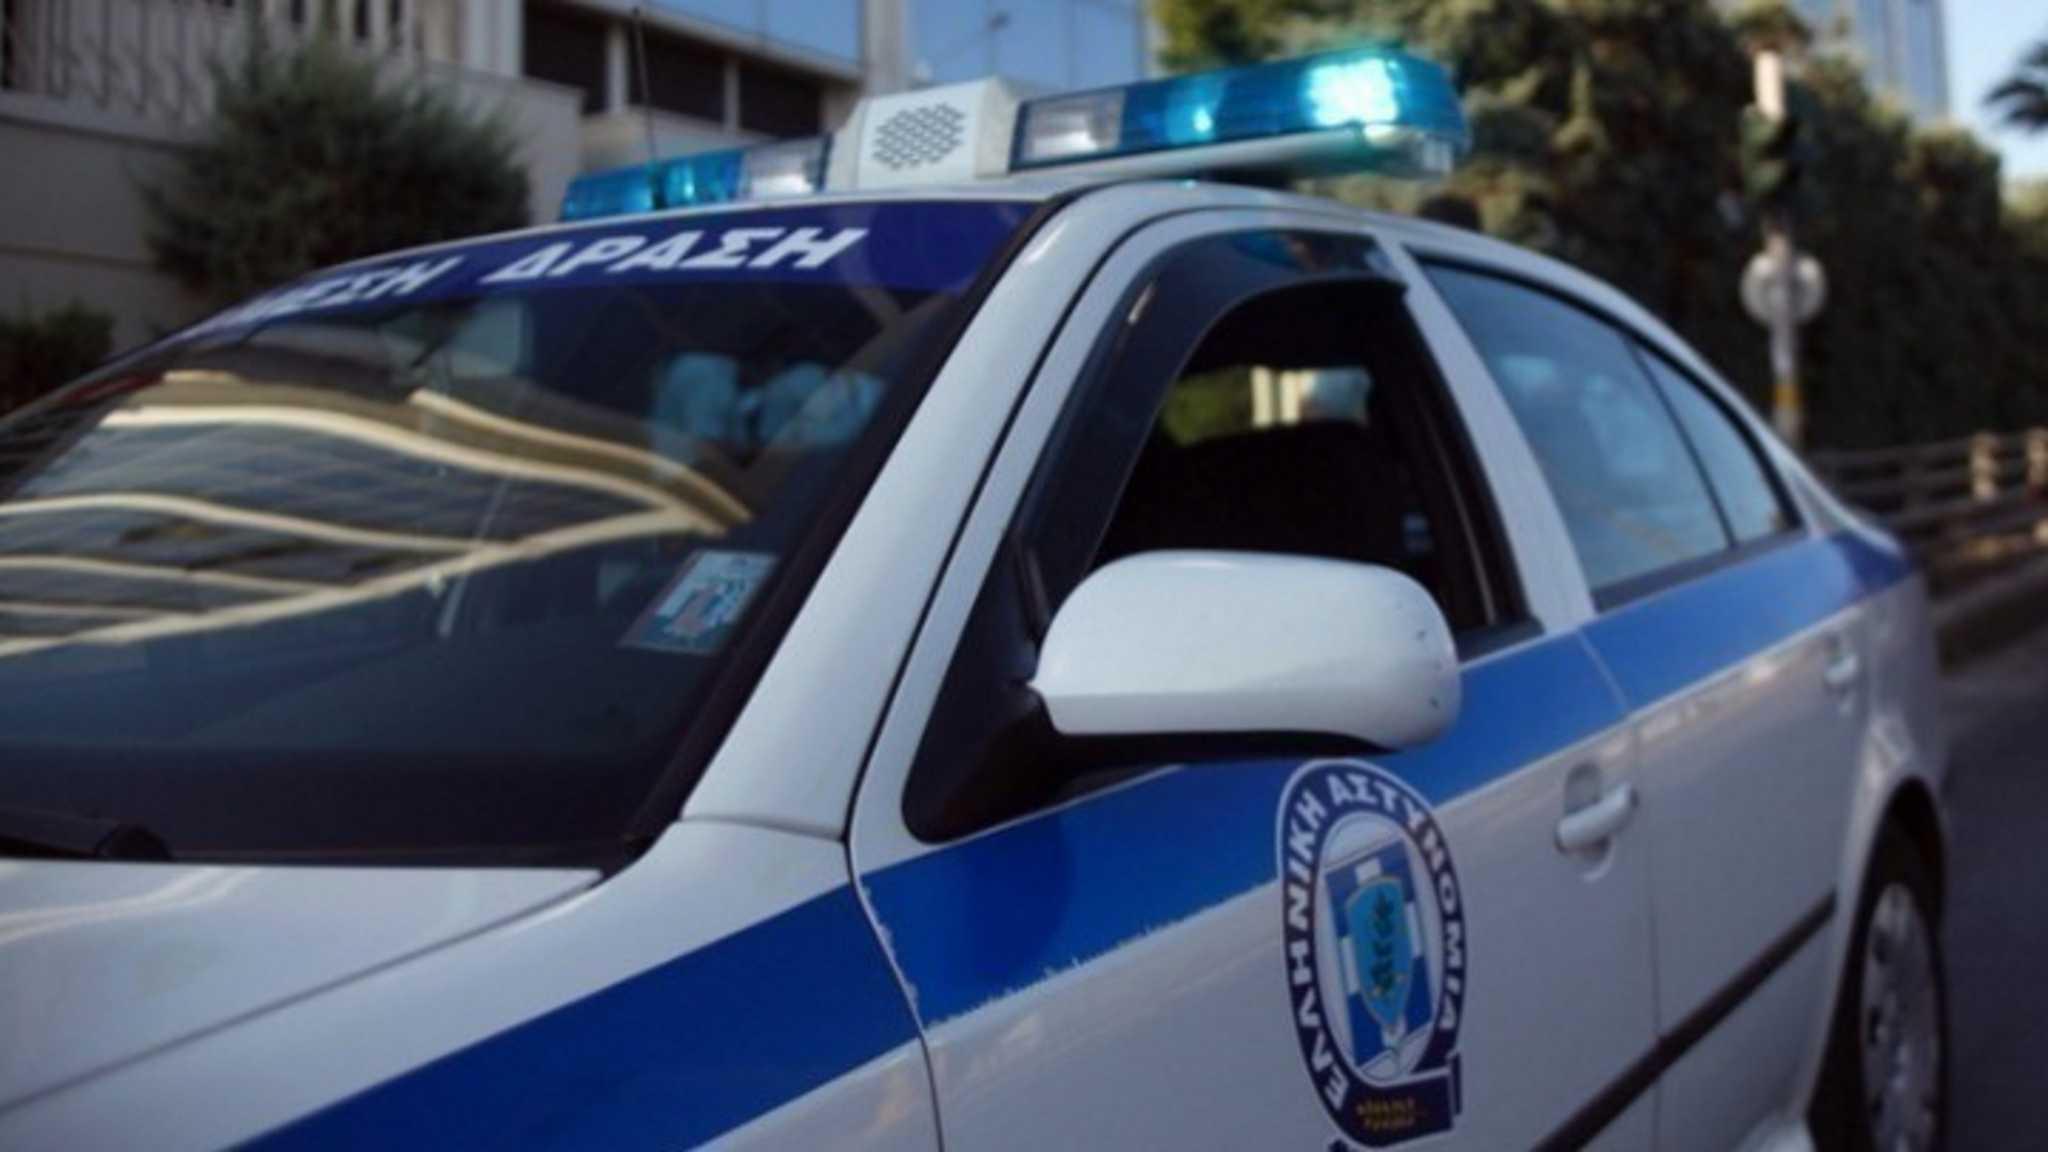 Νεκρός αστυνομικός που υπηρετούσε στη φρουρά κυβερνητικού στελέχους – Έπεσε από τον πέμπτο όροφο